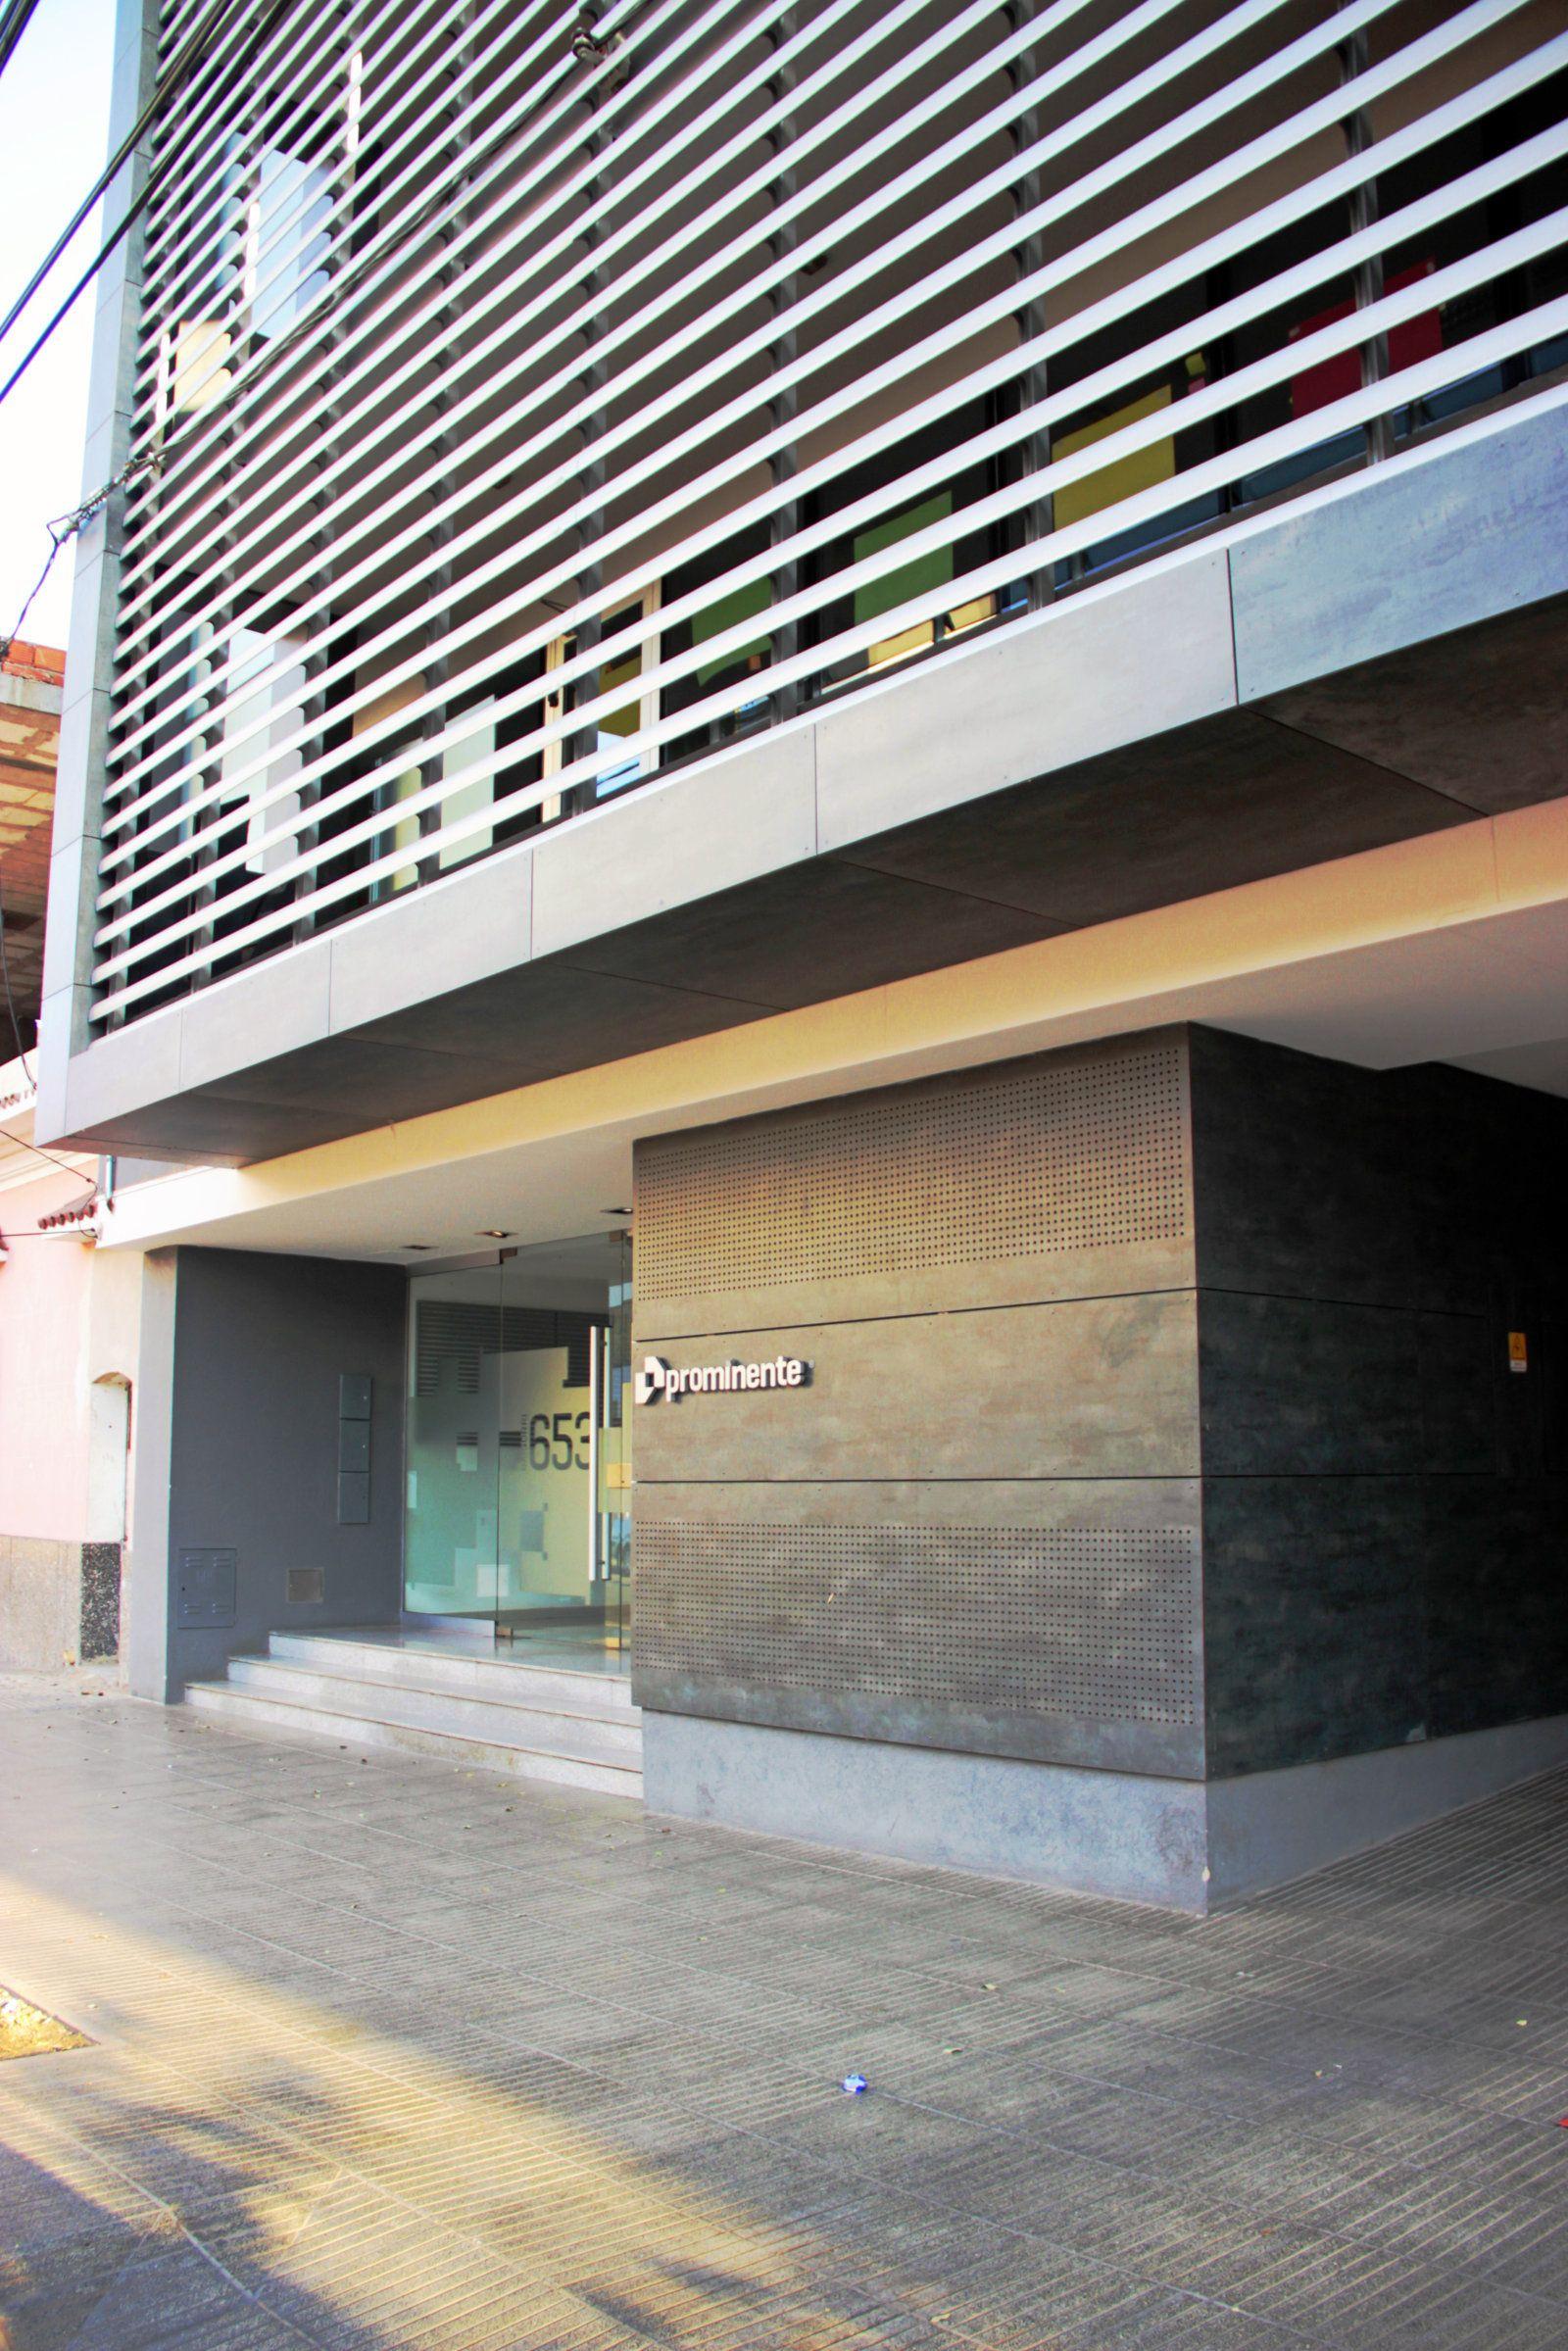 Material de fachada. Platten Exterior / Parasoles metálicos Importa. CG-SA Distribuye en Córdoba. Grupo T Obra. Edificio corporativo Prominente.